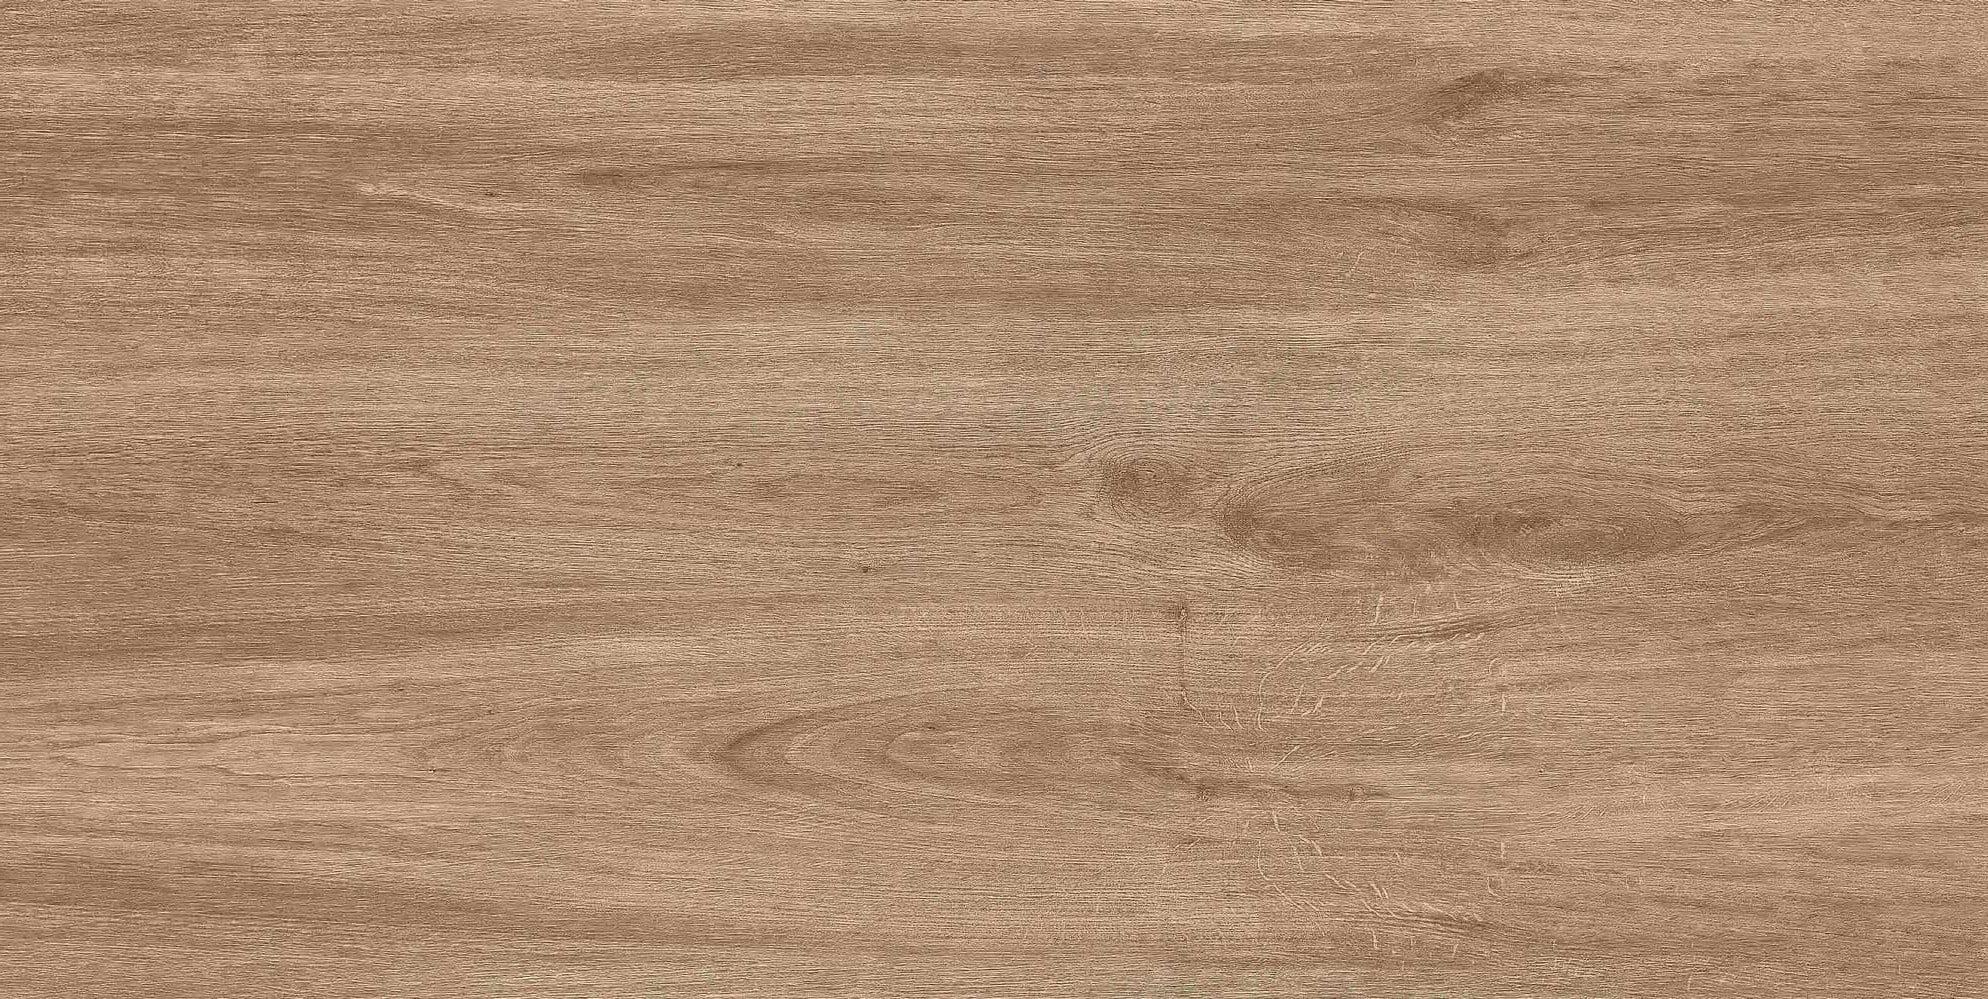 日式風格的傢俬多用橡木紋